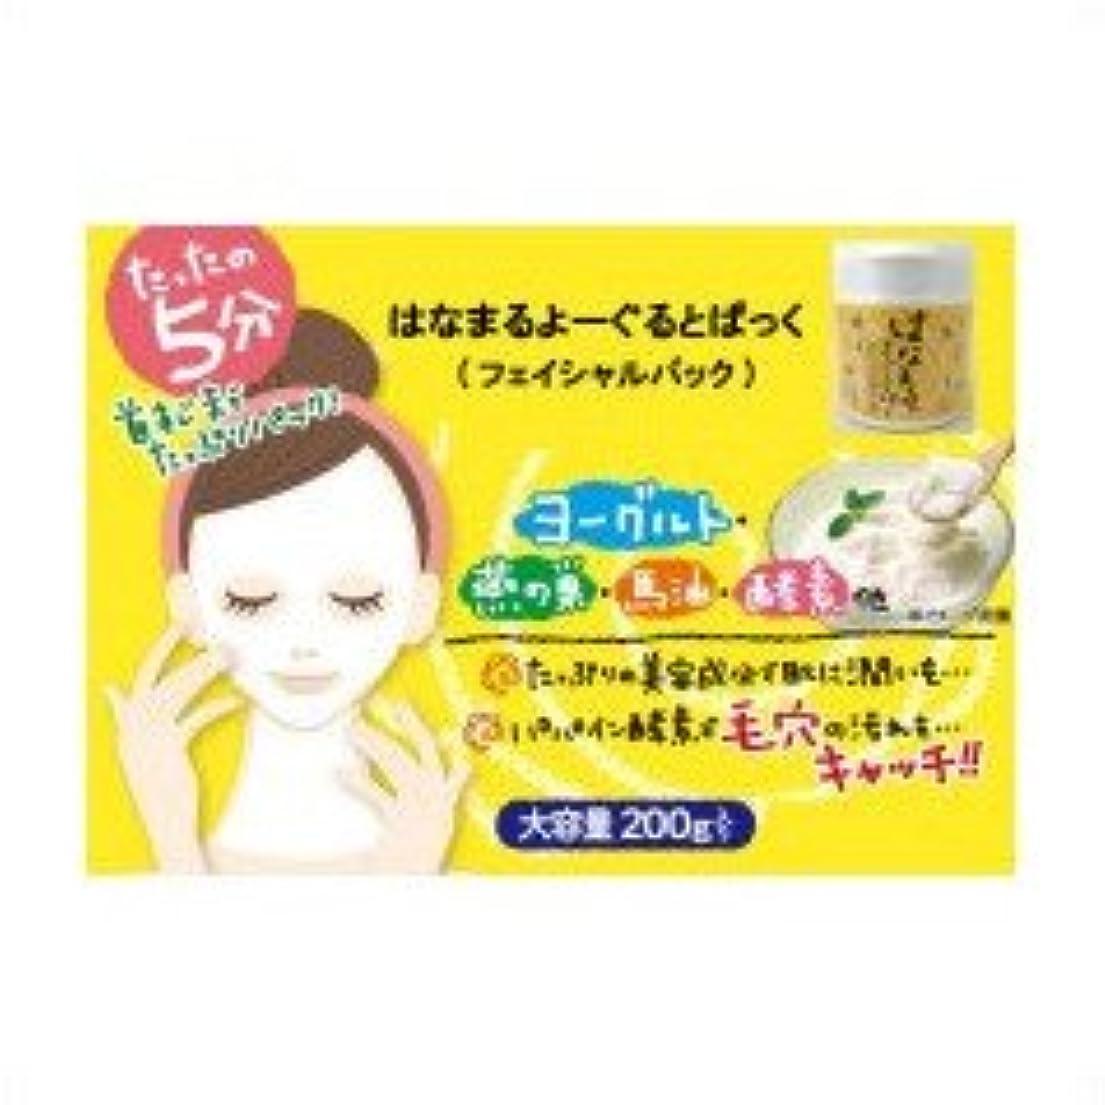 スキニーもっと少なく養う日本製 はなまるよーぐるとぱっく(フェイシャルパック) 200g